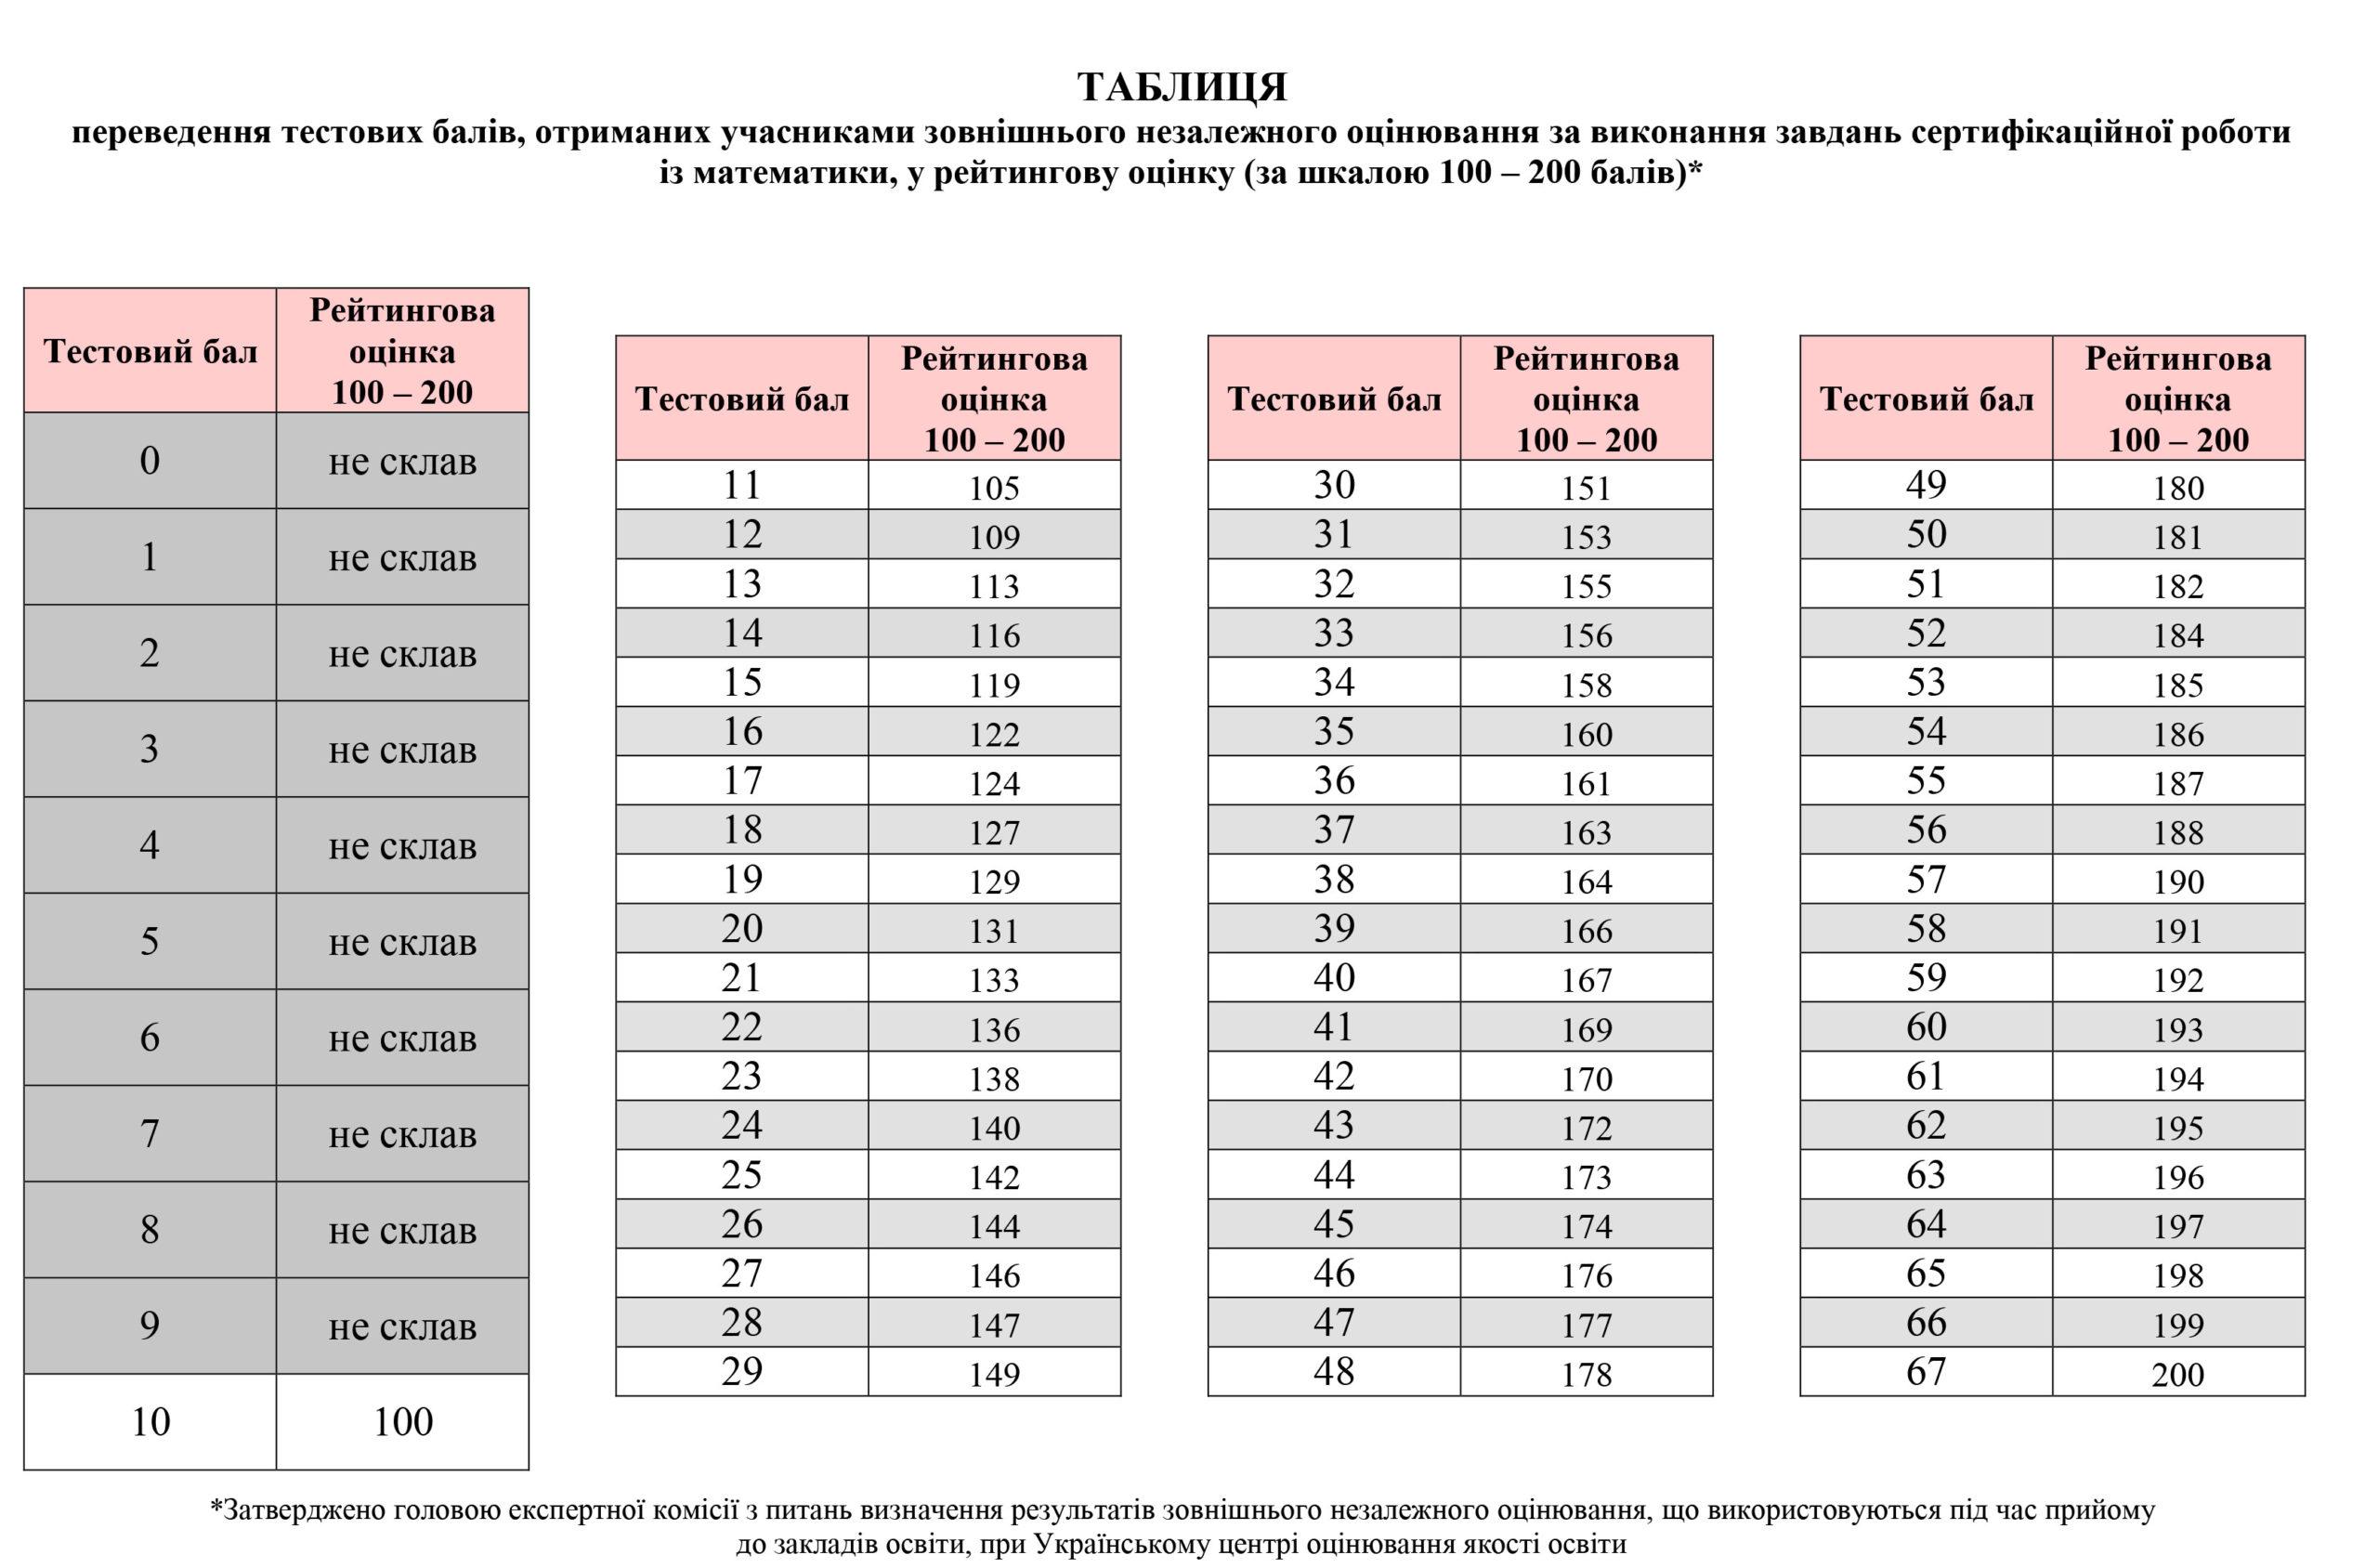 Таблиця переведення тестових балів ЗНО 2 з математики у 200 бальну шкалу